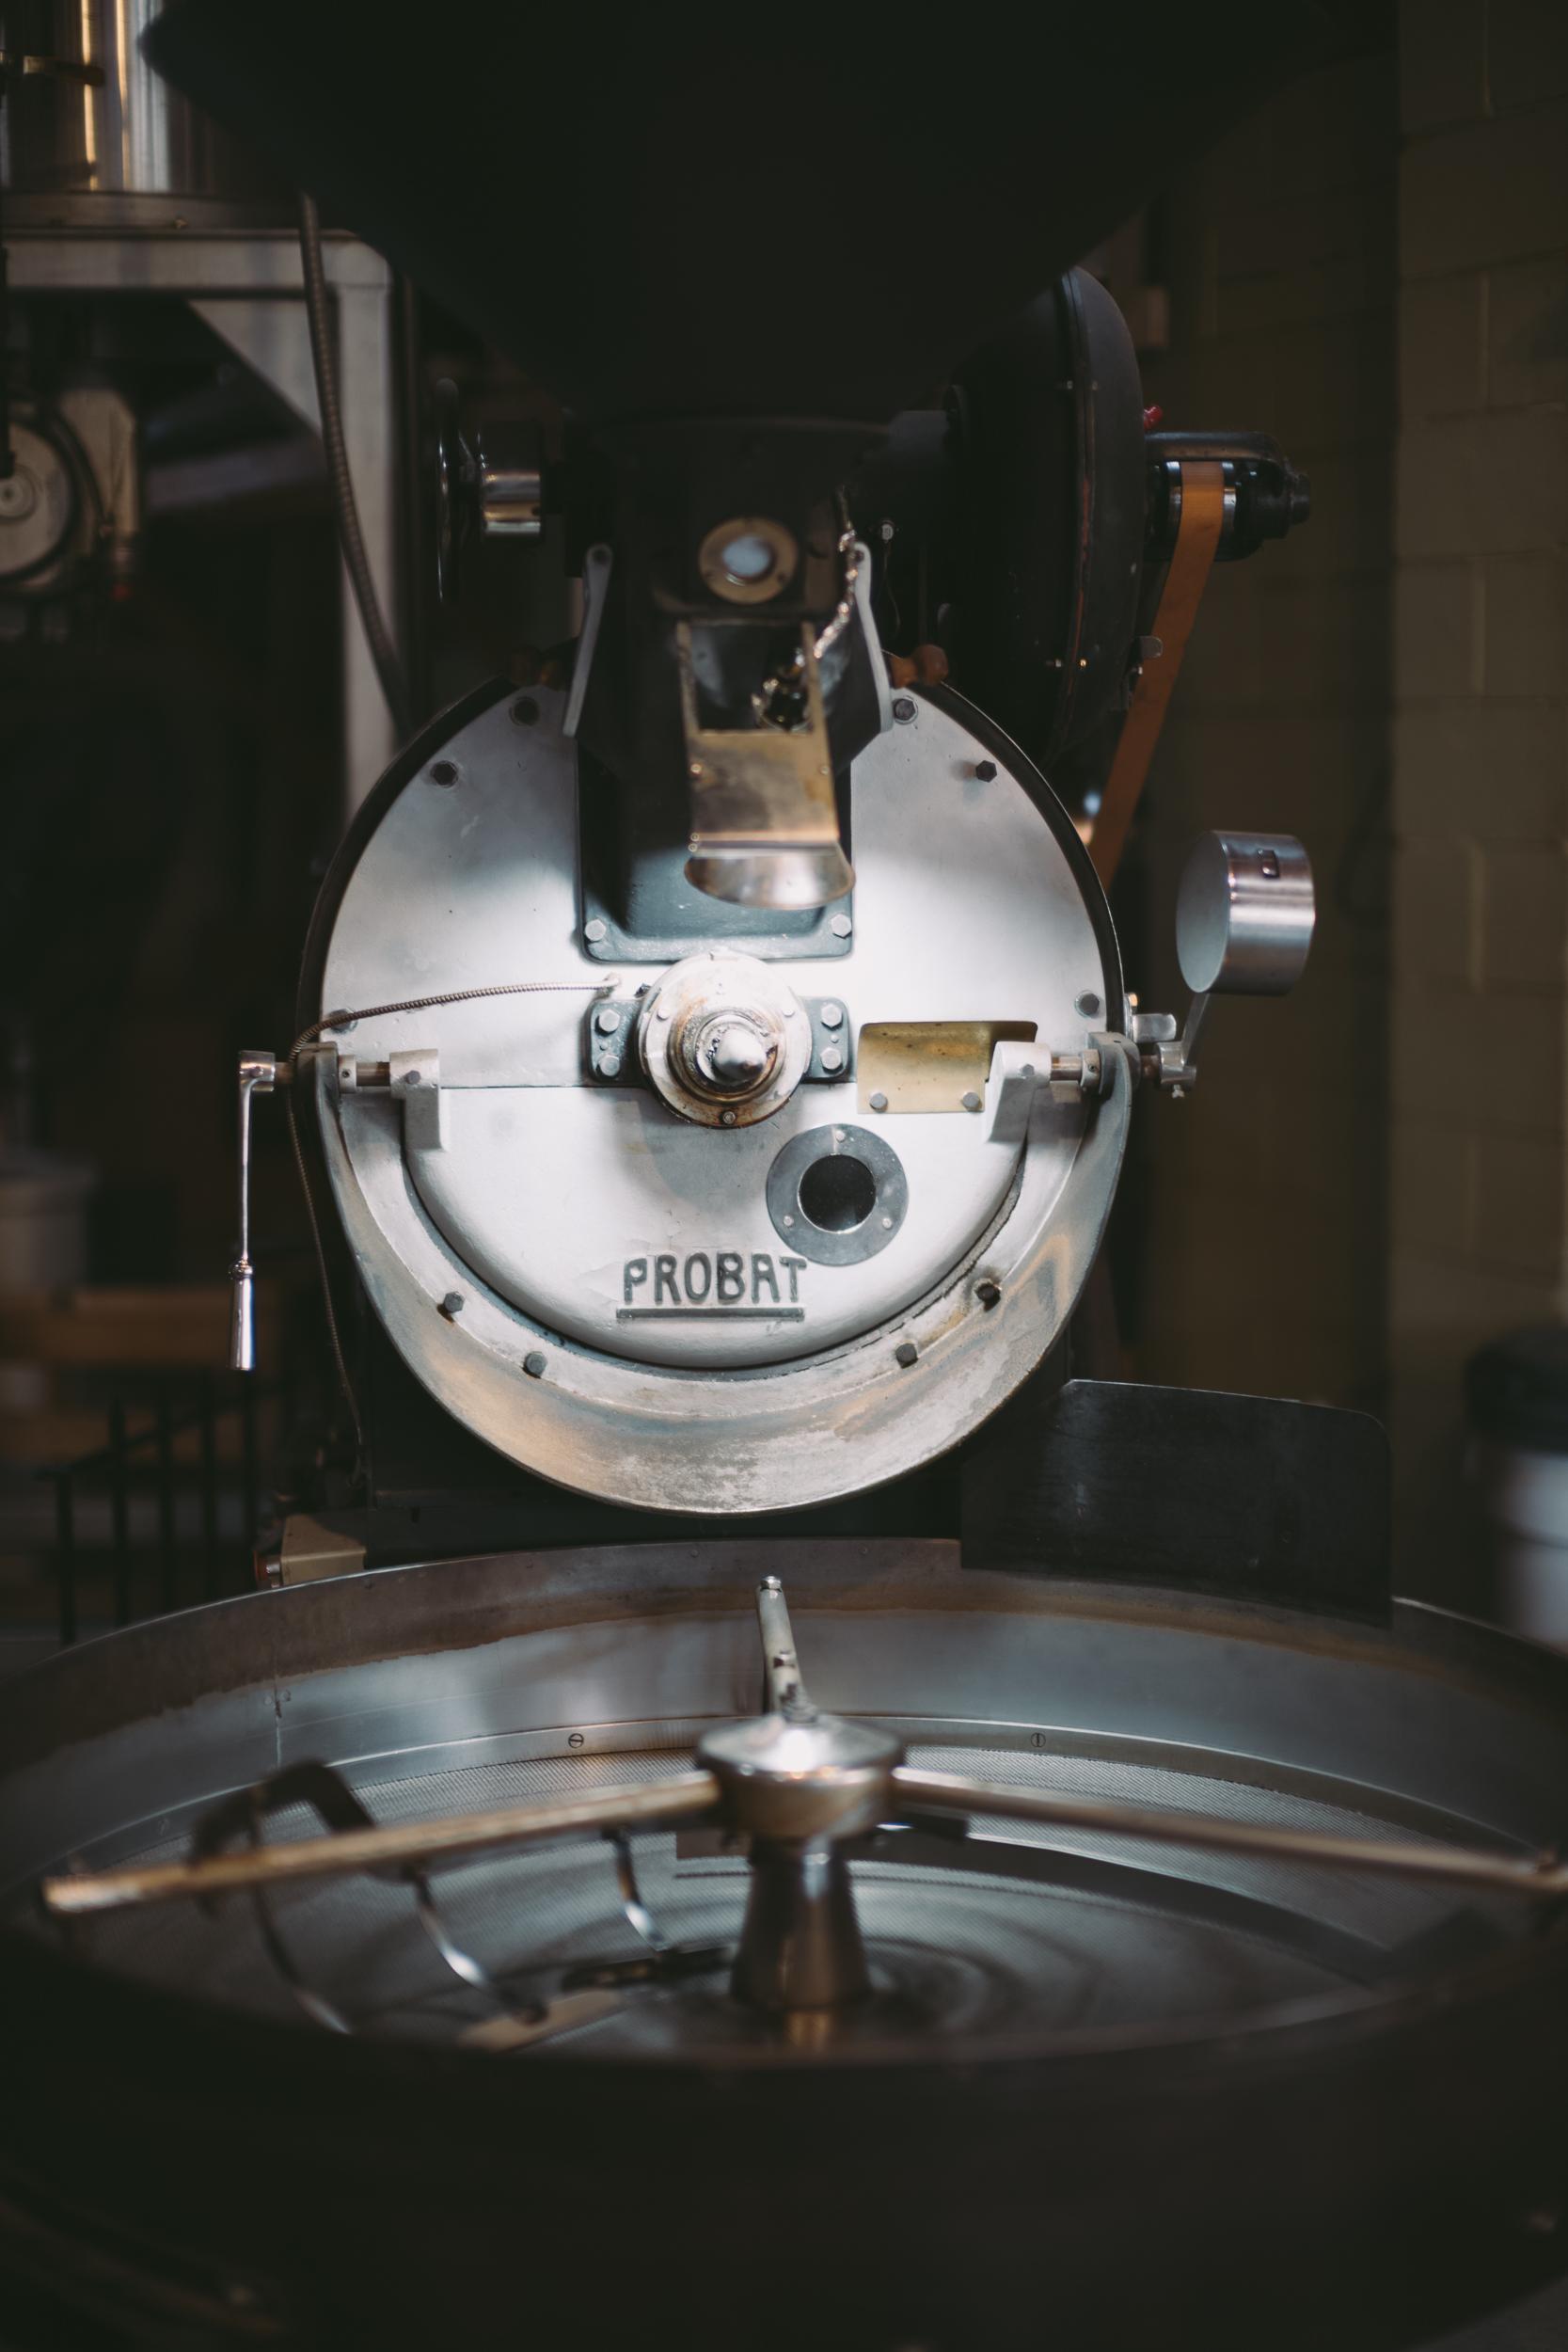 Leica M, 50mm Noctilux, 1/125 sec, ISO 250